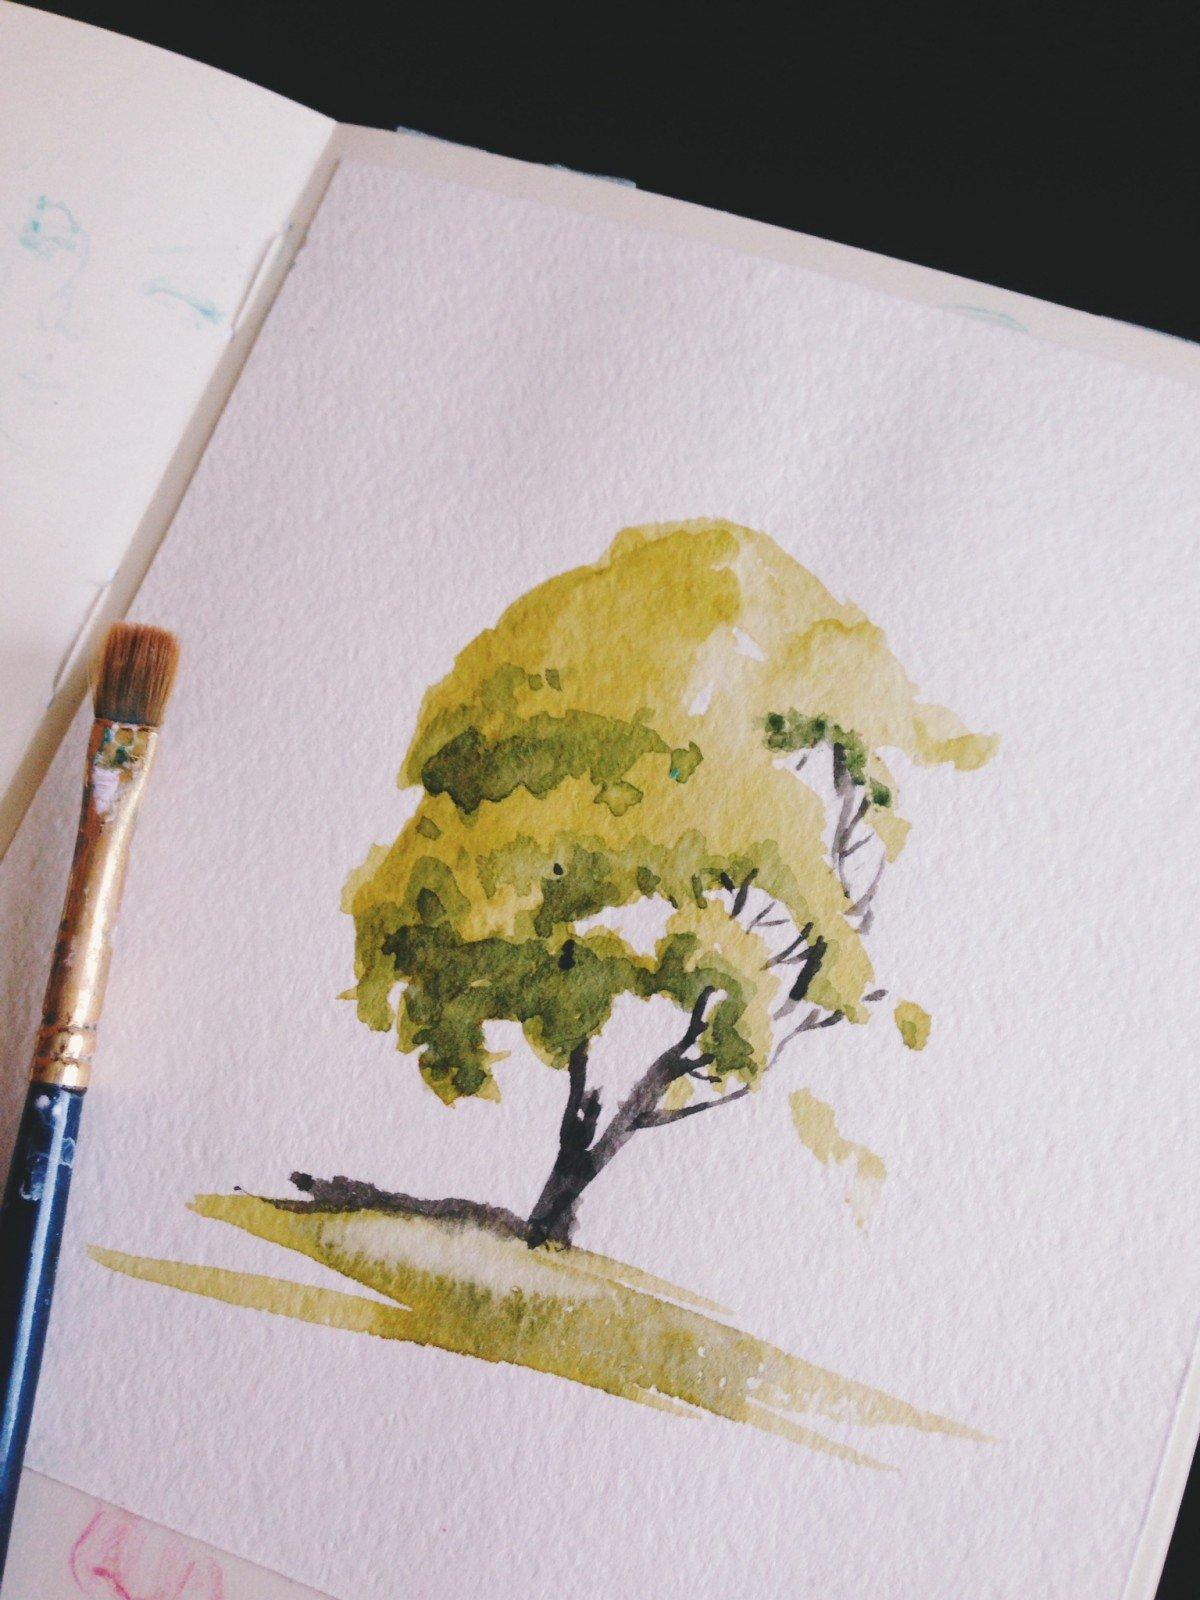 Как рисовать акварелью? 7 лёгких рисунков акварелью для начинающих